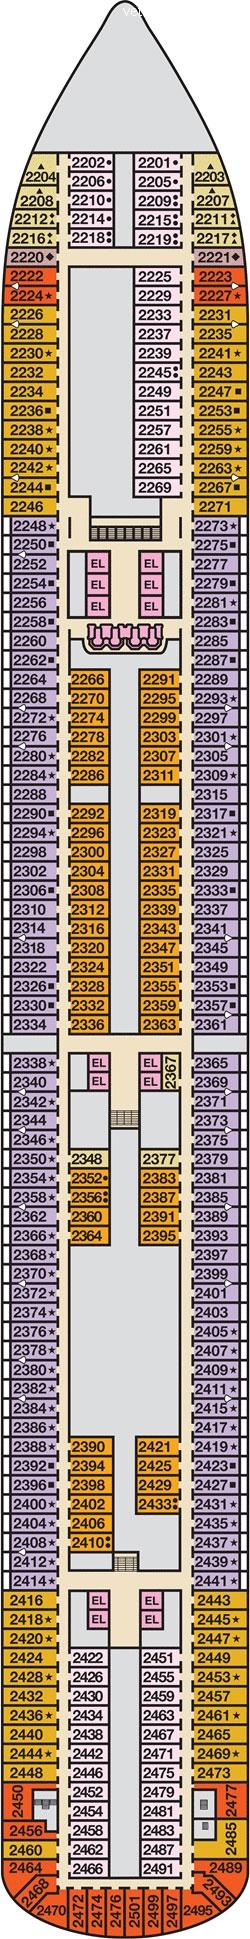 Carnival Breeze план палуб